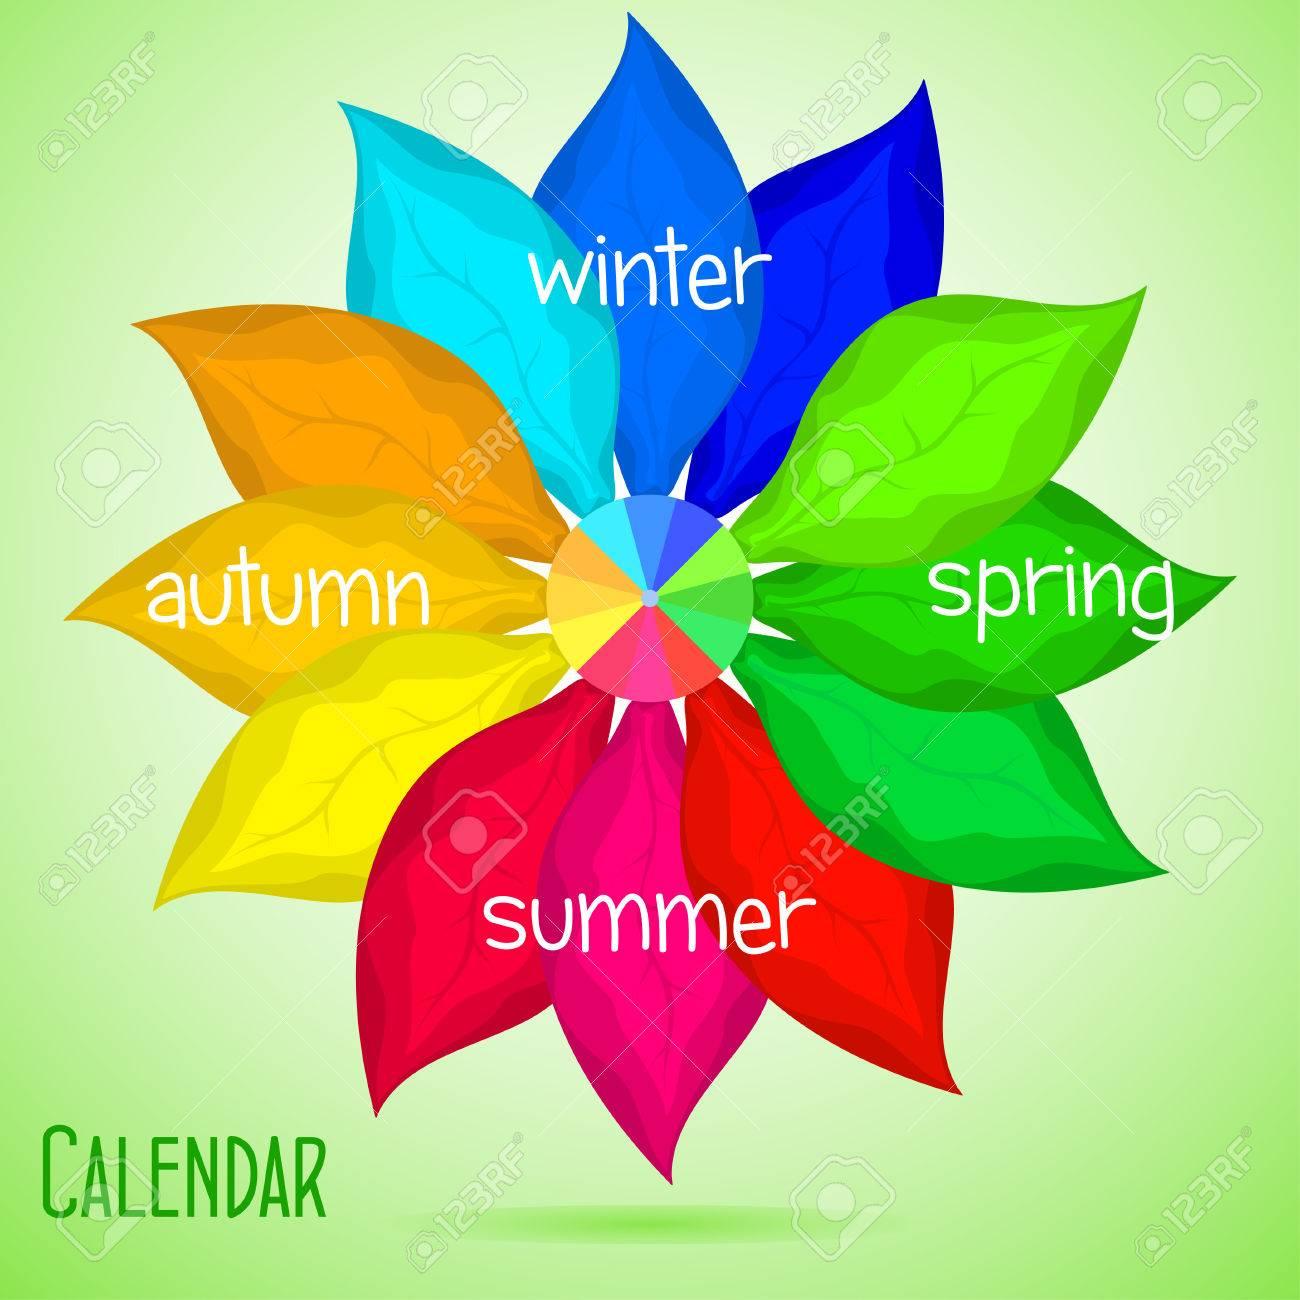 Calendario Abstracto Con Hojas De Color, Primavera, Verano, Otoño ...